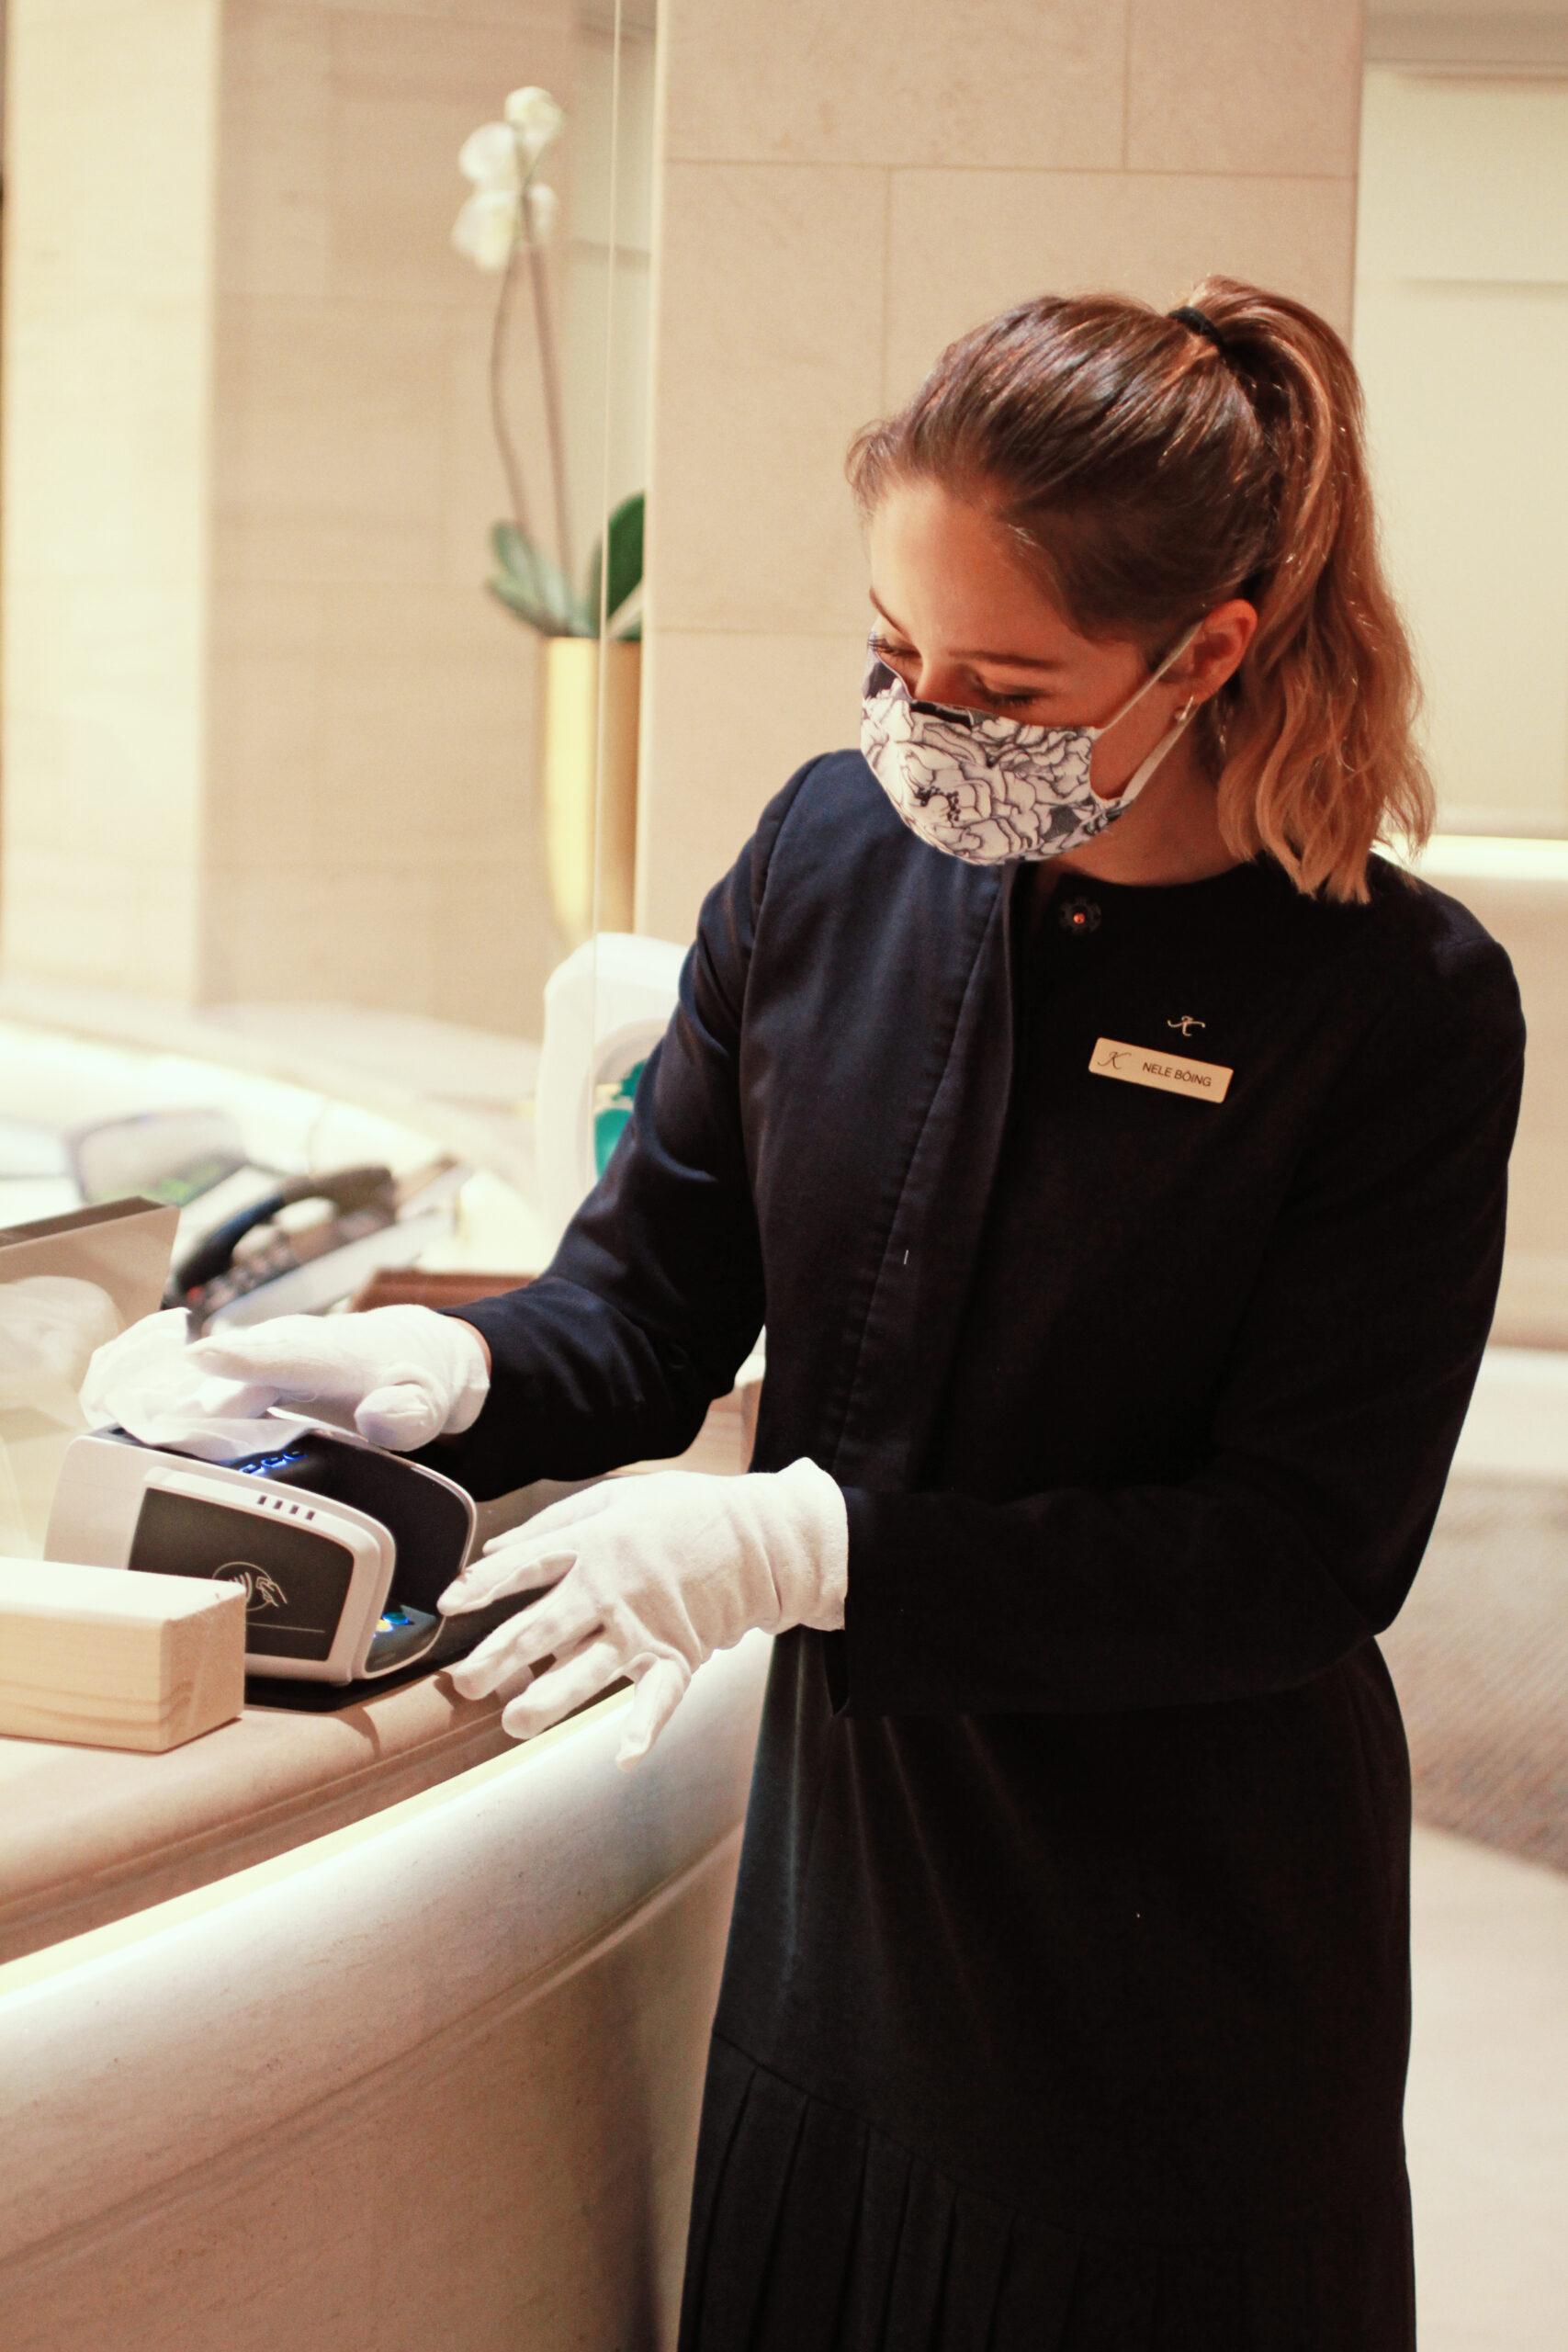 Kempinski white glove service